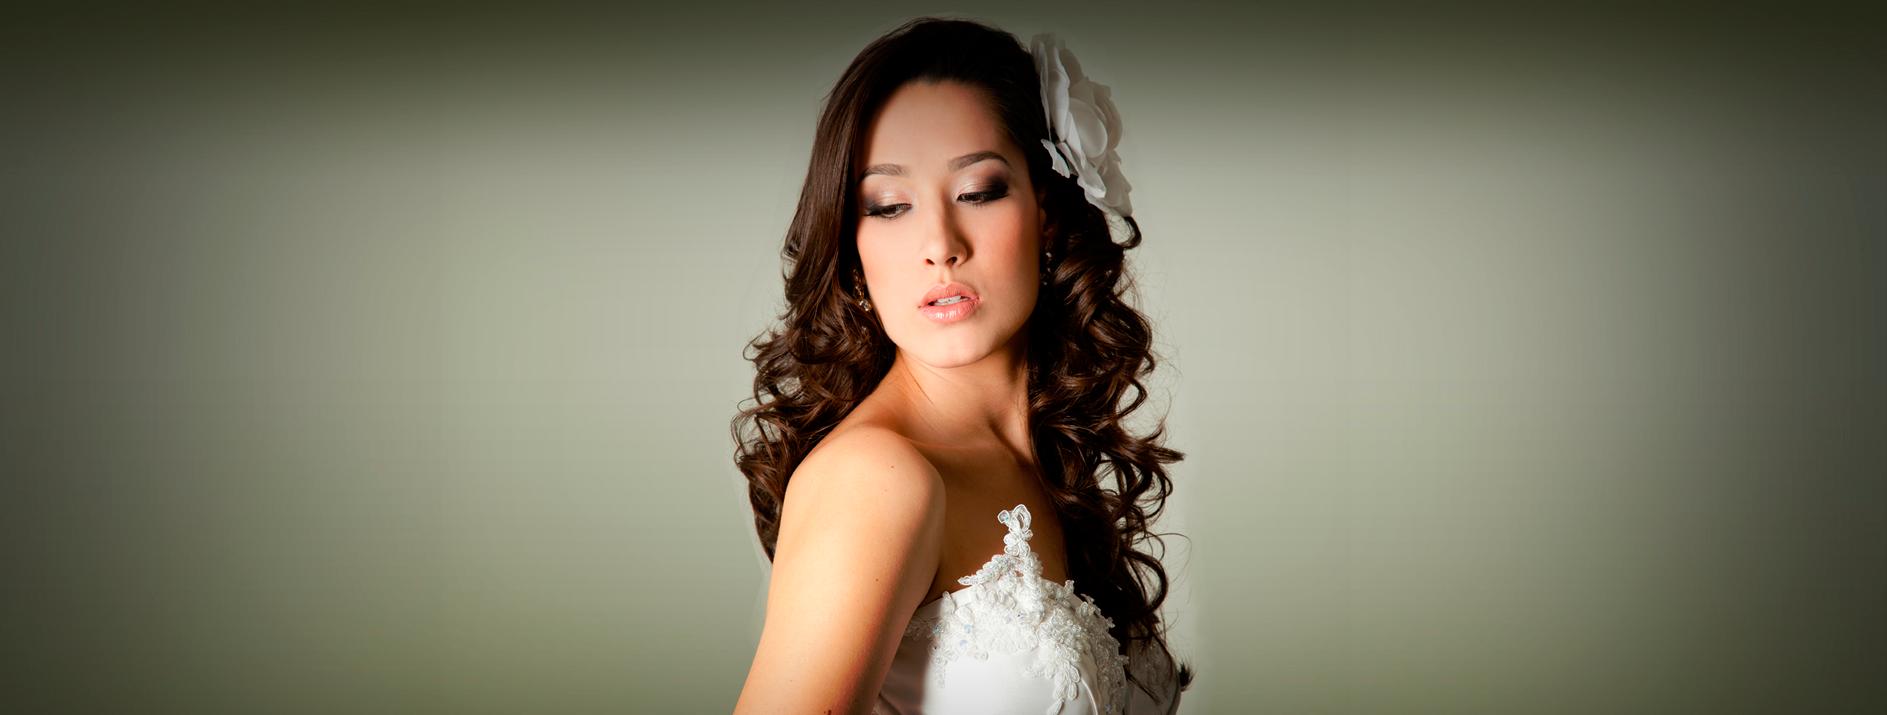 penteado-e-maquiagem-para-noivas-meri-rocha-03